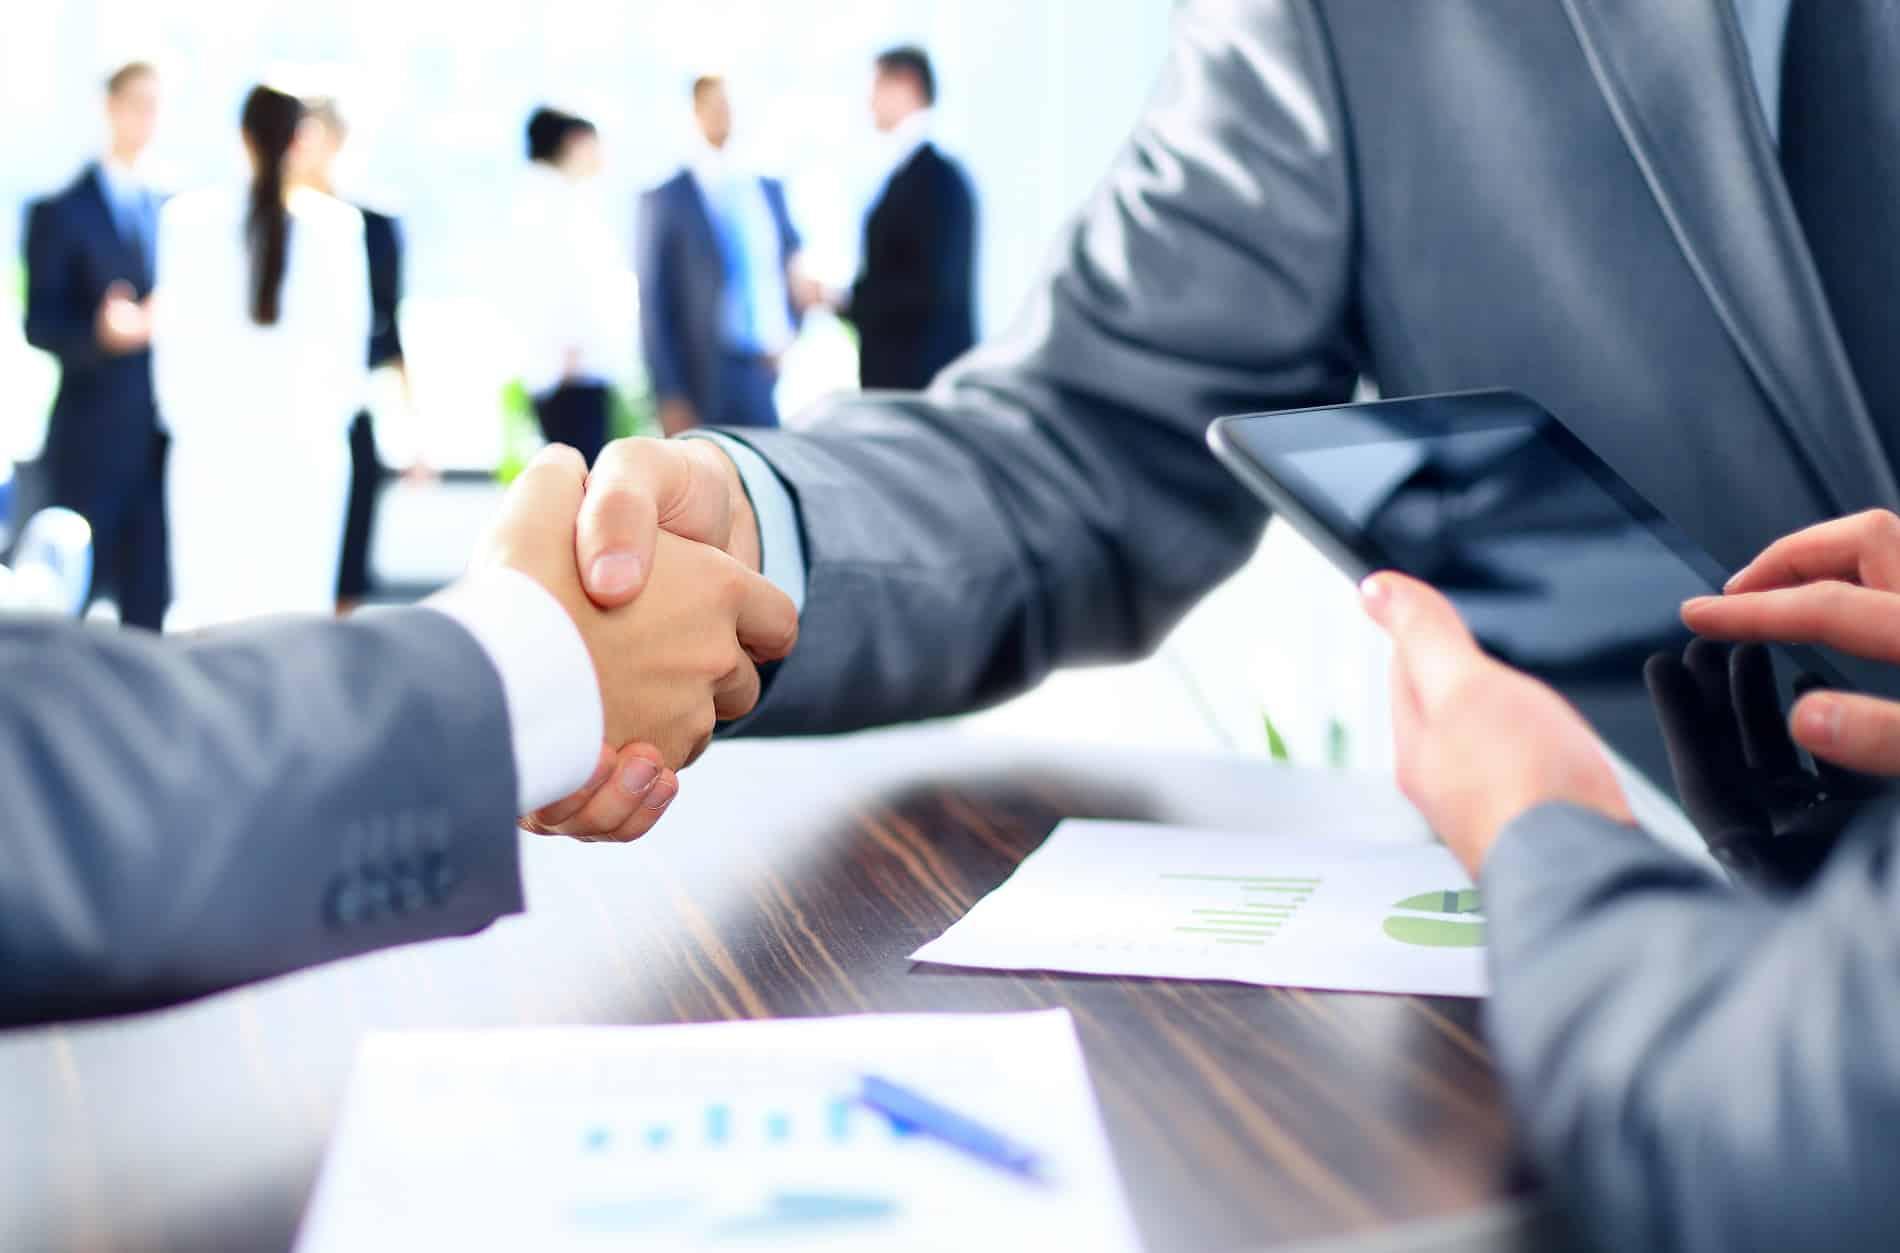 משא ומתן בליווי עורך דין במכירת דירתכם